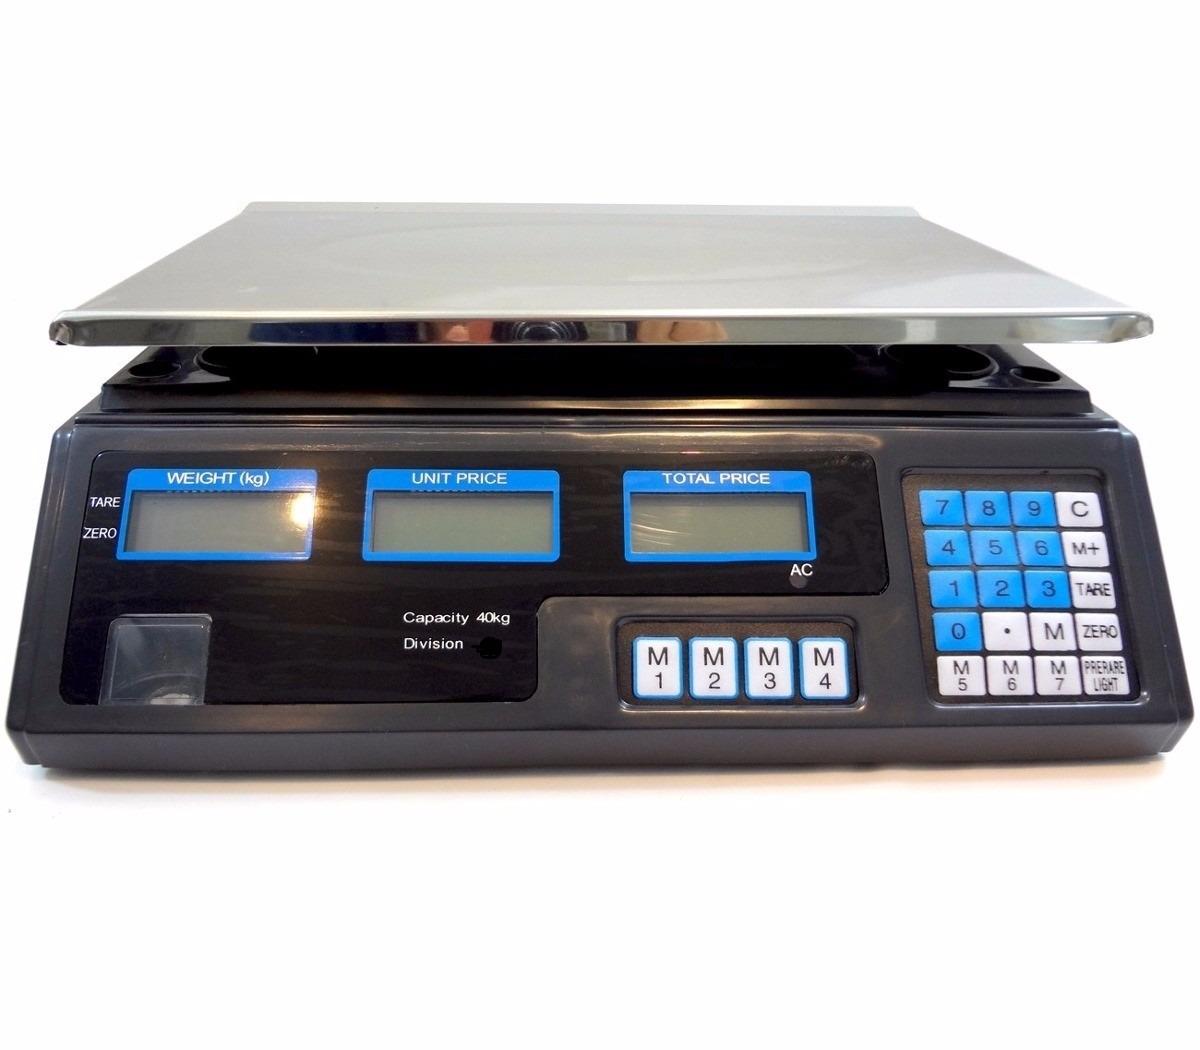 Balança Eletrônica Digital 40kg 30kg Alta Precisão Completa R$  #196DB2 1200x1050 Balança Digital Banheiro Frete Grátis